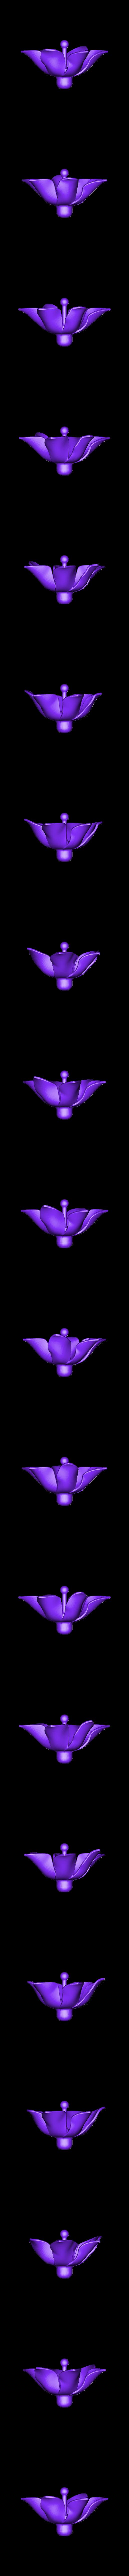 p_tales_narcisse.STL Download free STL file Fleurs • 3D print design, Etienne